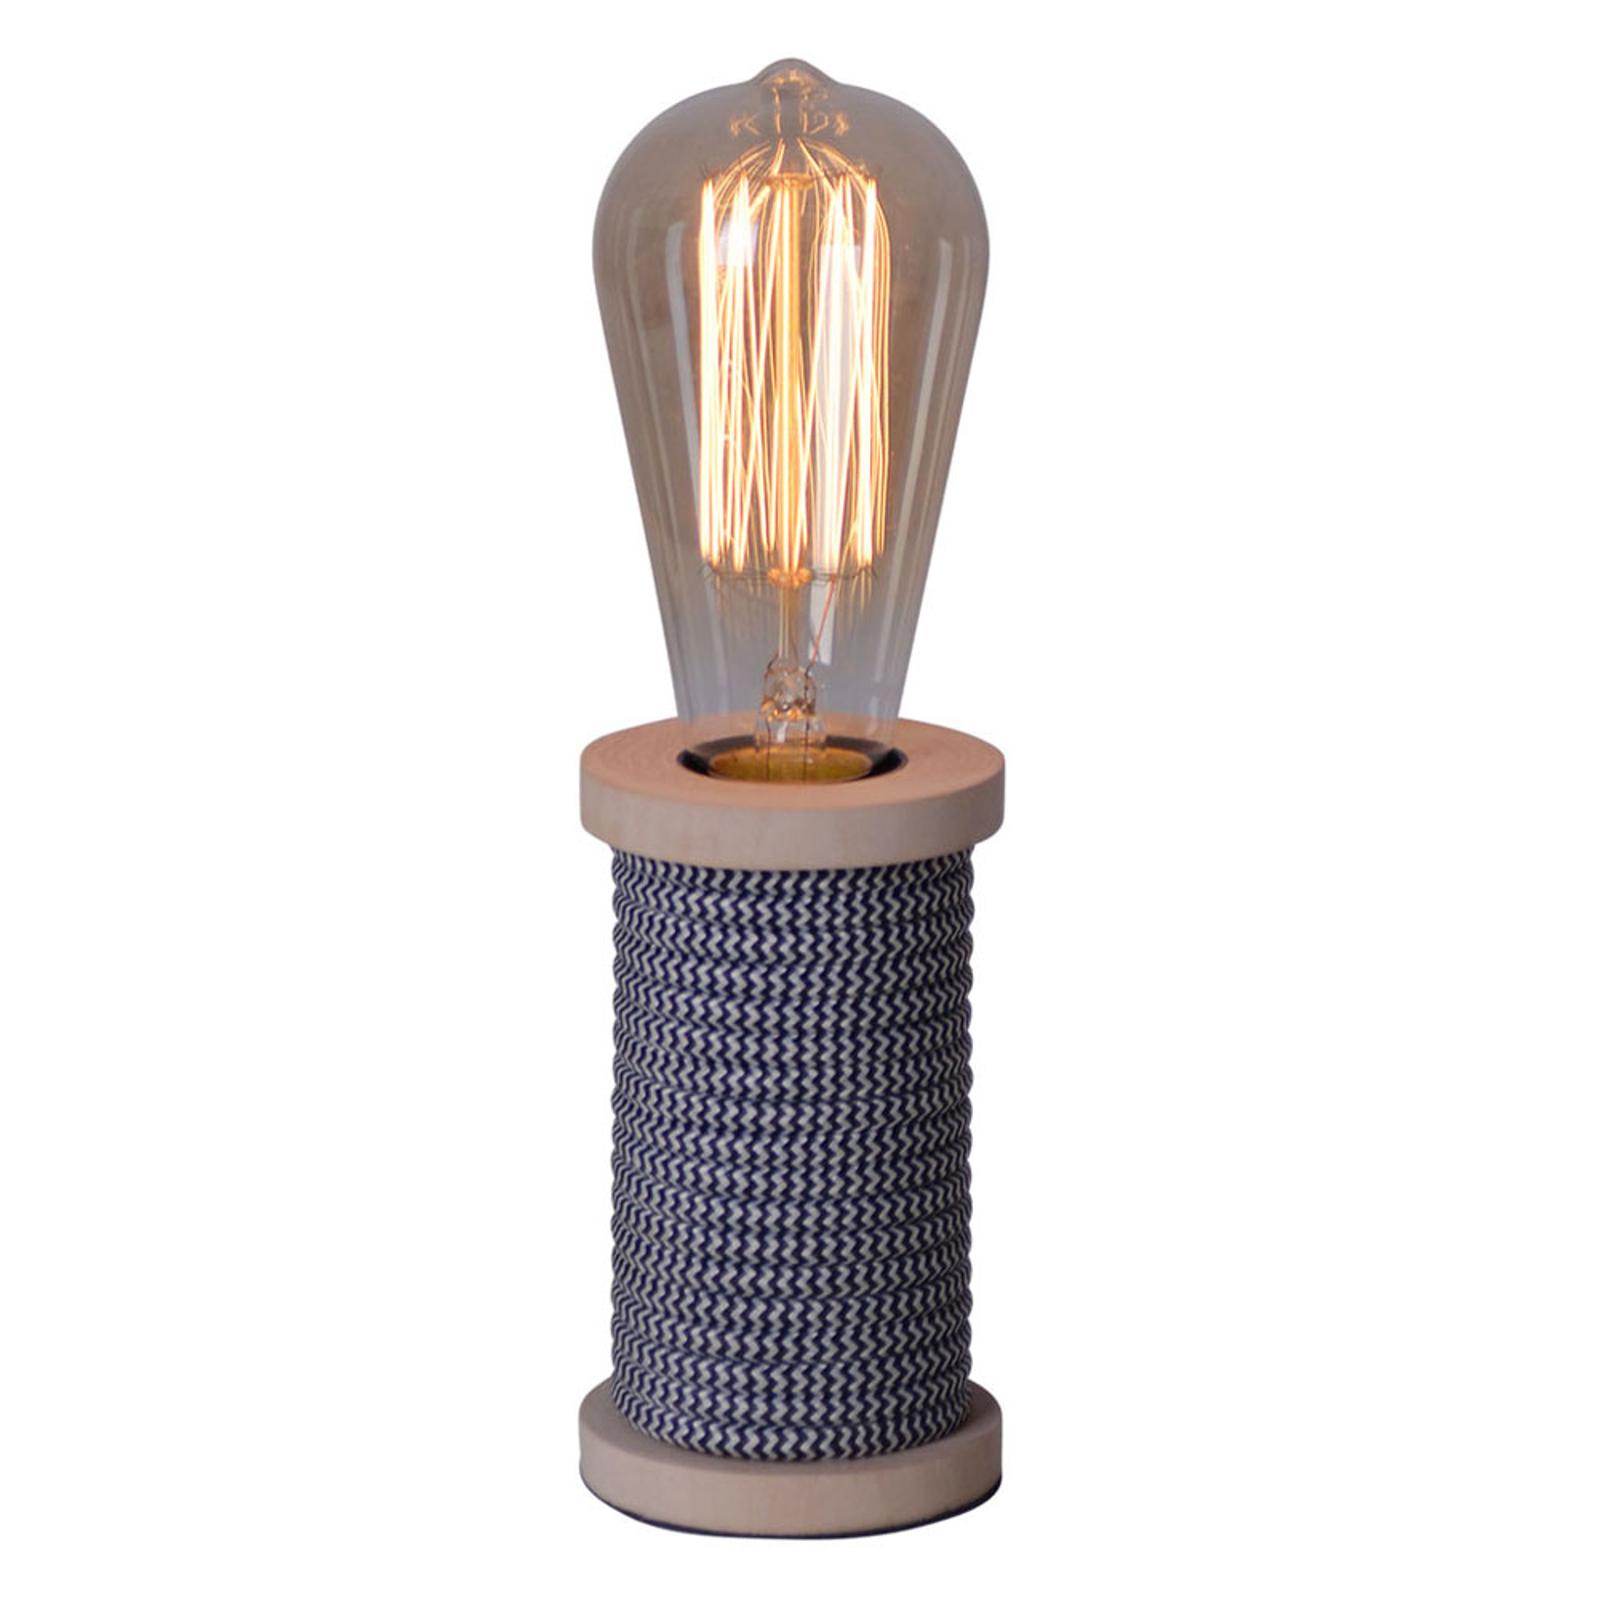 Tafellamp Max met houten voet antraciet